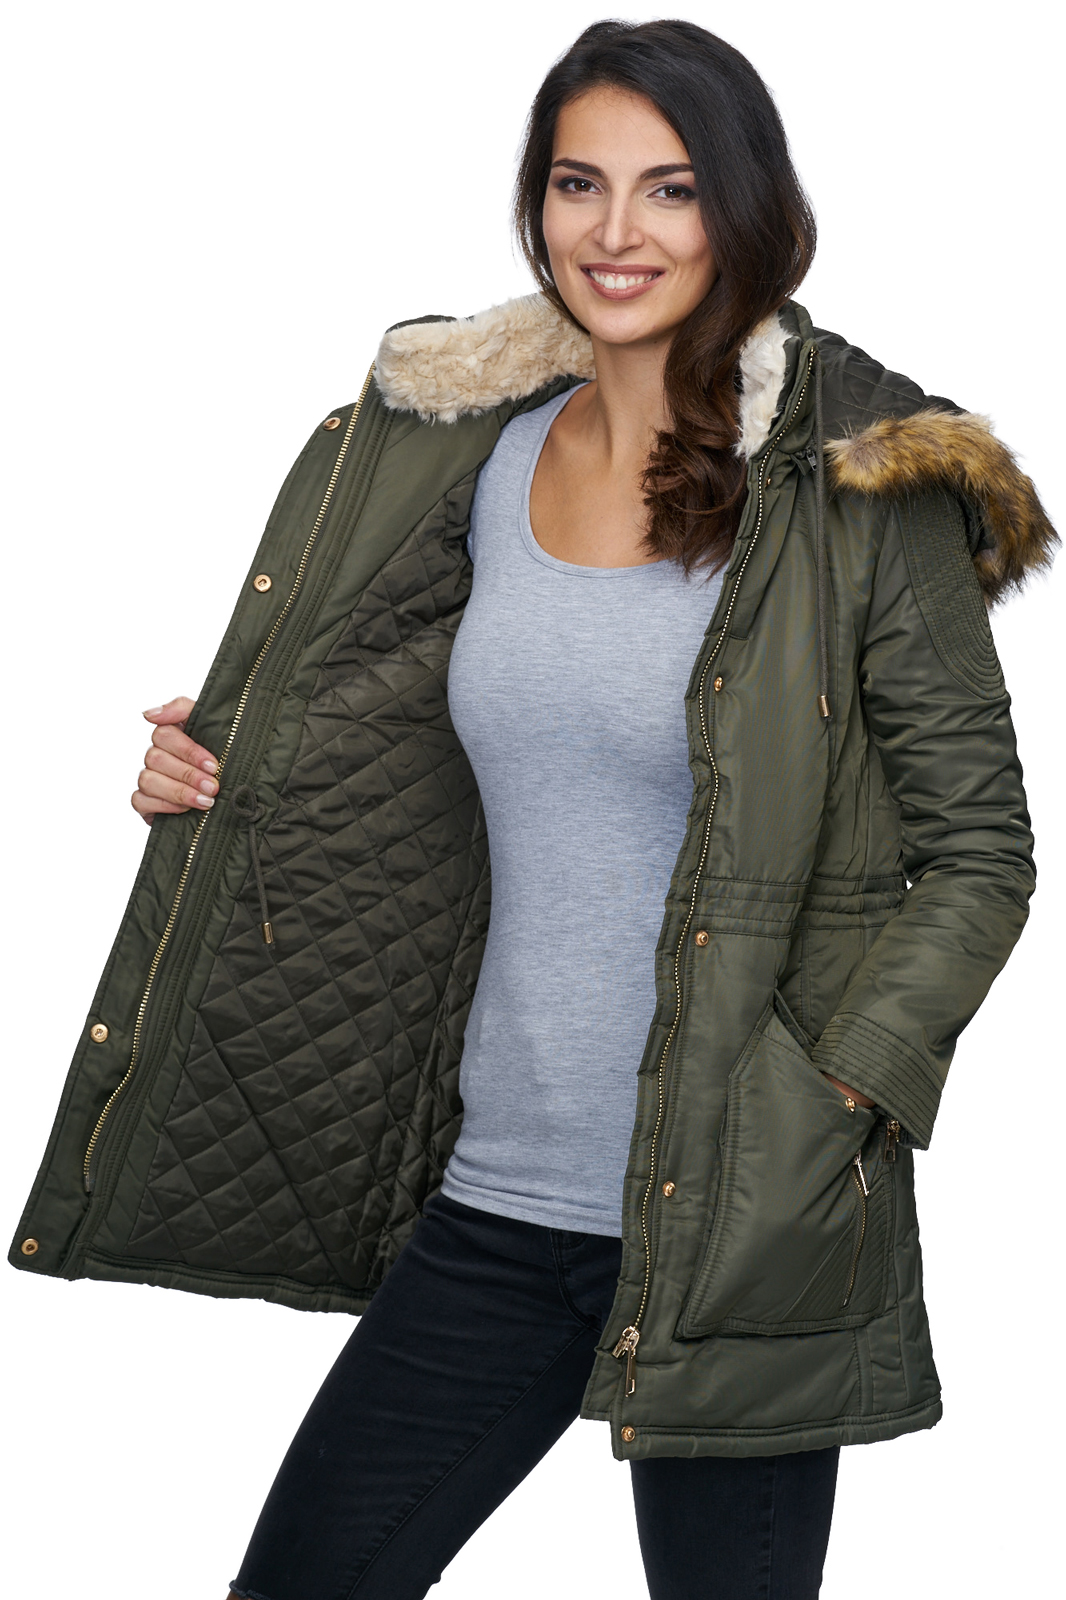 designer damen winter mantel jacke parka lang winterjacke. Black Bedroom Furniture Sets. Home Design Ideas